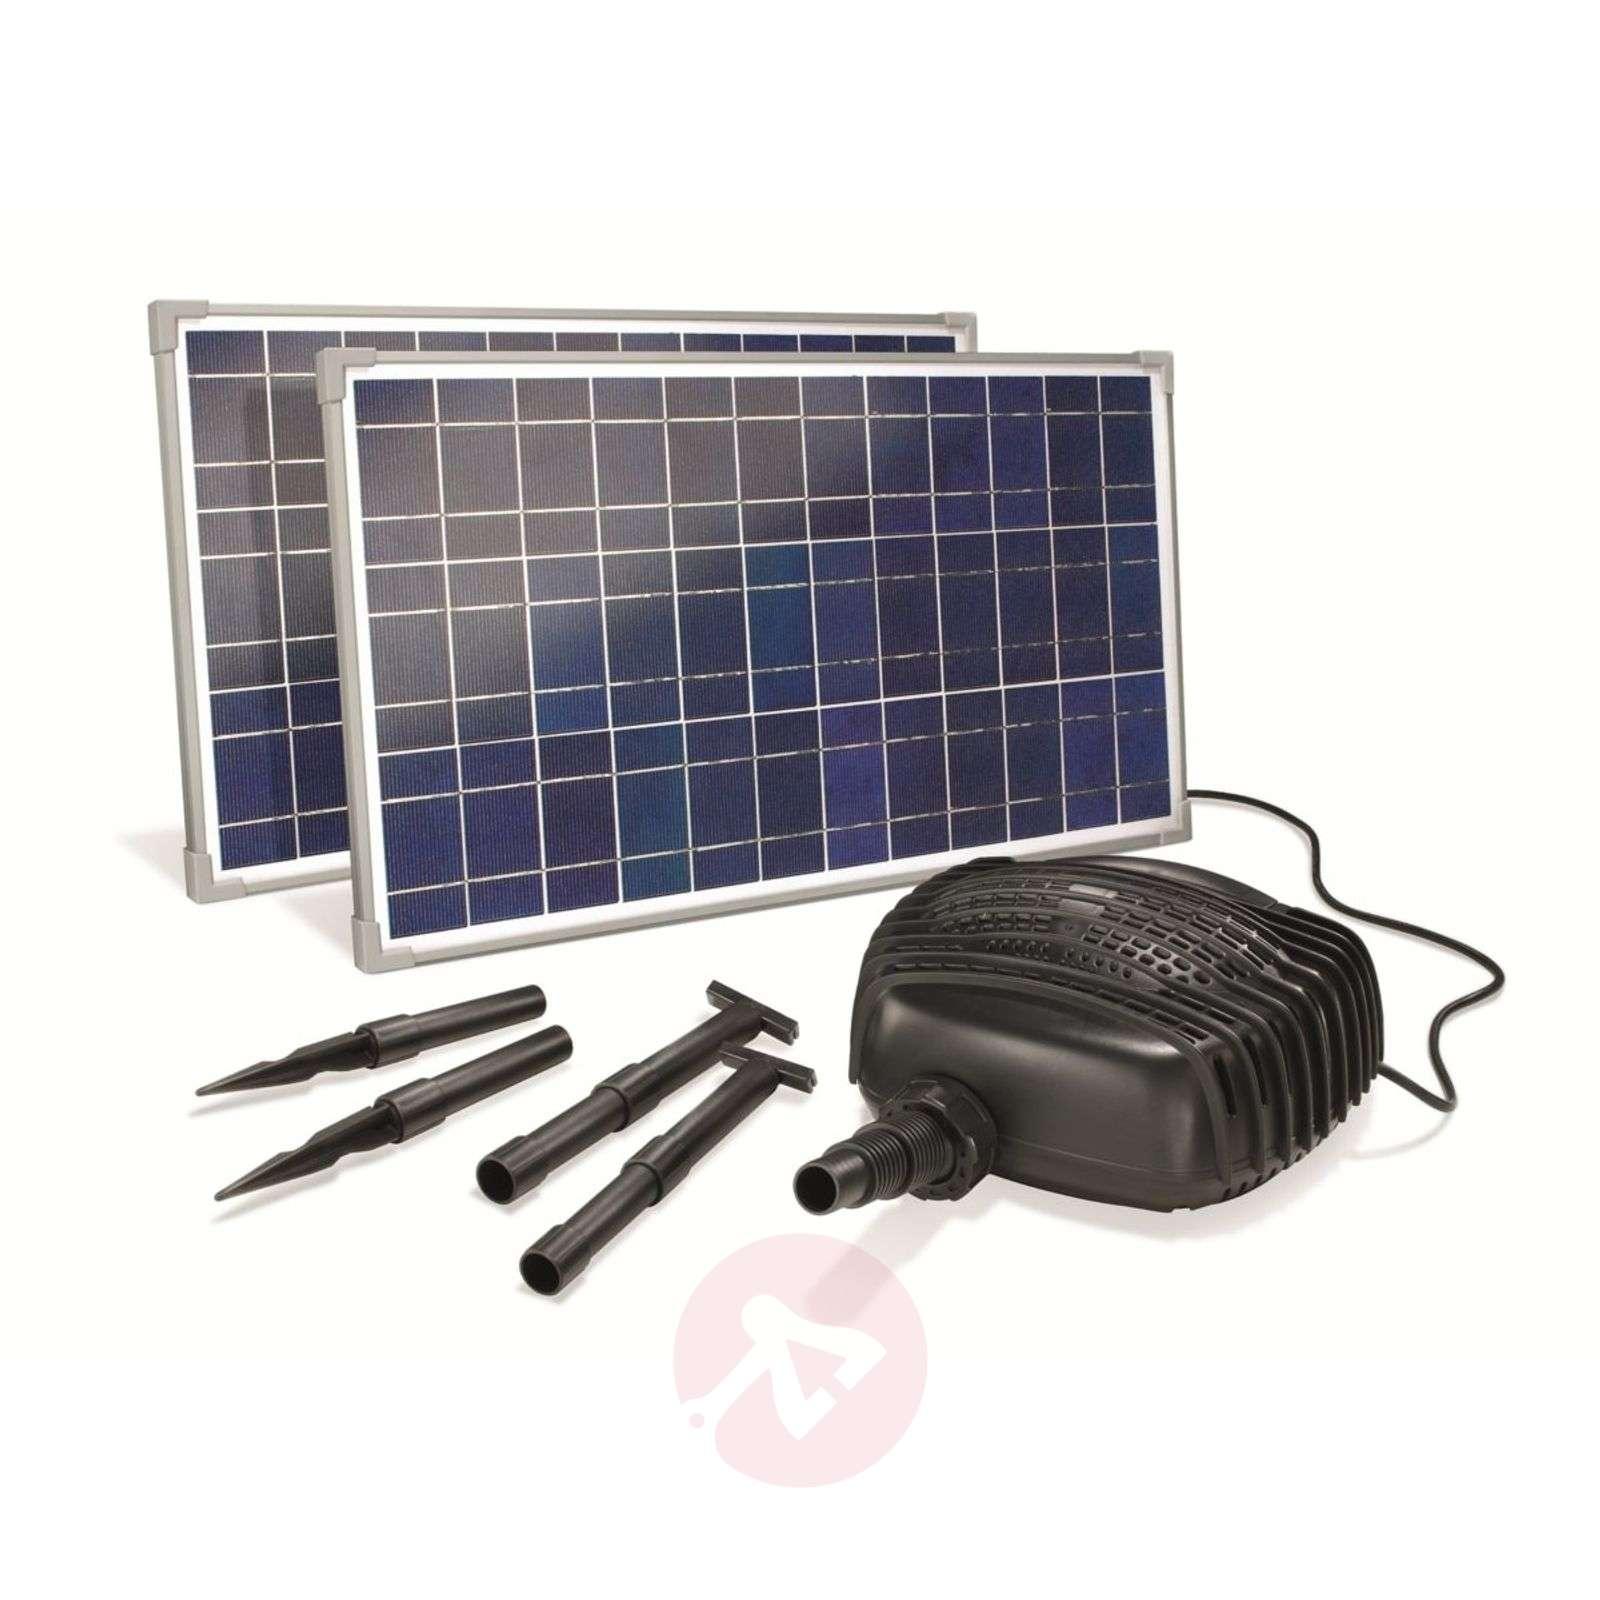 Adria aurinkokäyttöinen virtauspumppujärjestelmä-3012196-01